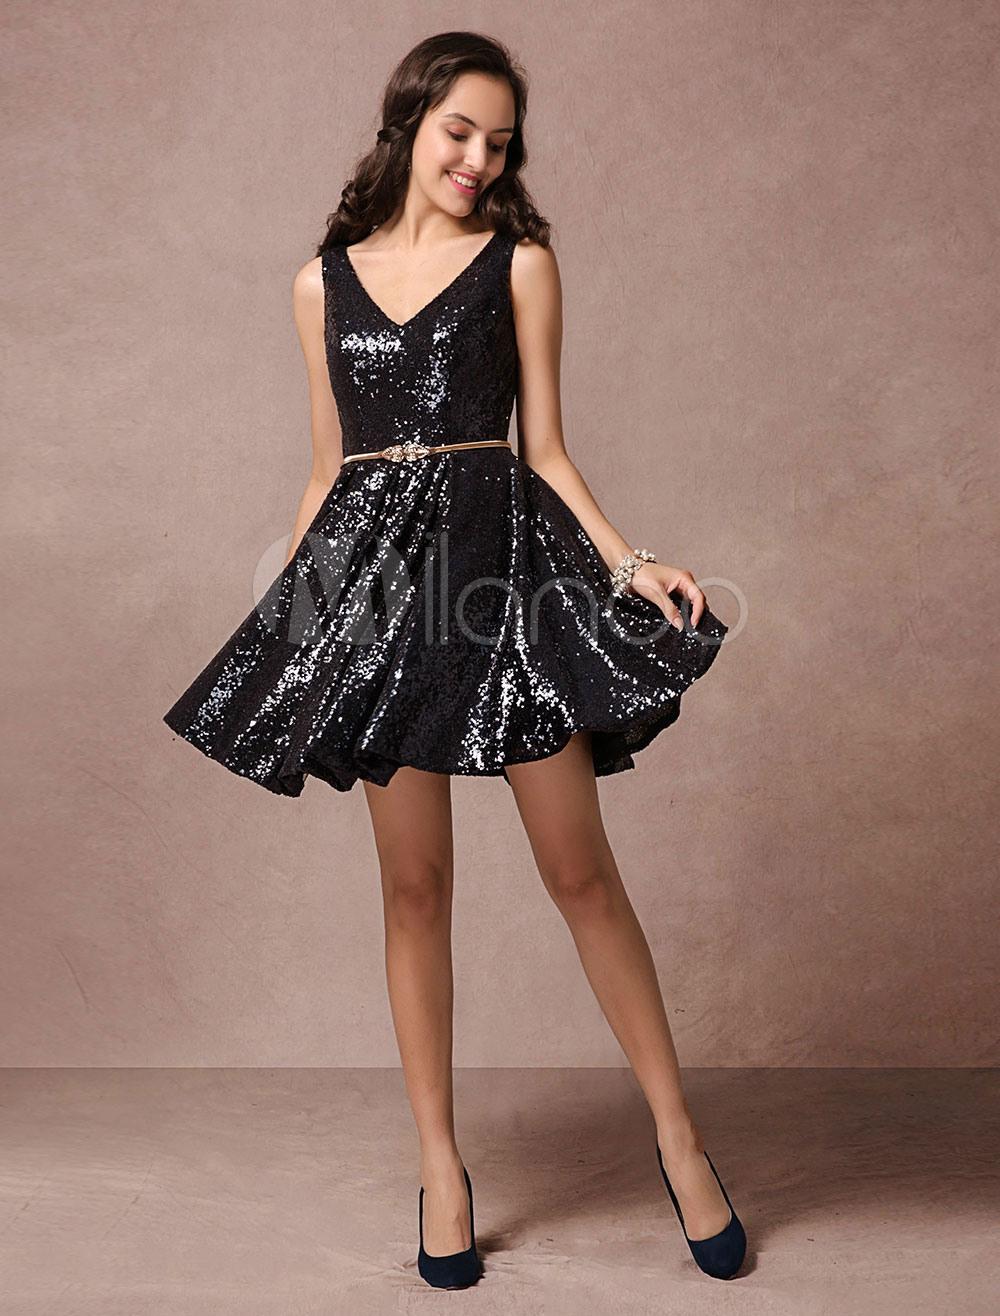 Pailletten Sie Cocktailkleid Schwarz V-Ausschnitt Rückenfreie Kurze Prom  Kleid A-Linie Kleine Schwarzes Kleid Mit Goldenen Gürtel